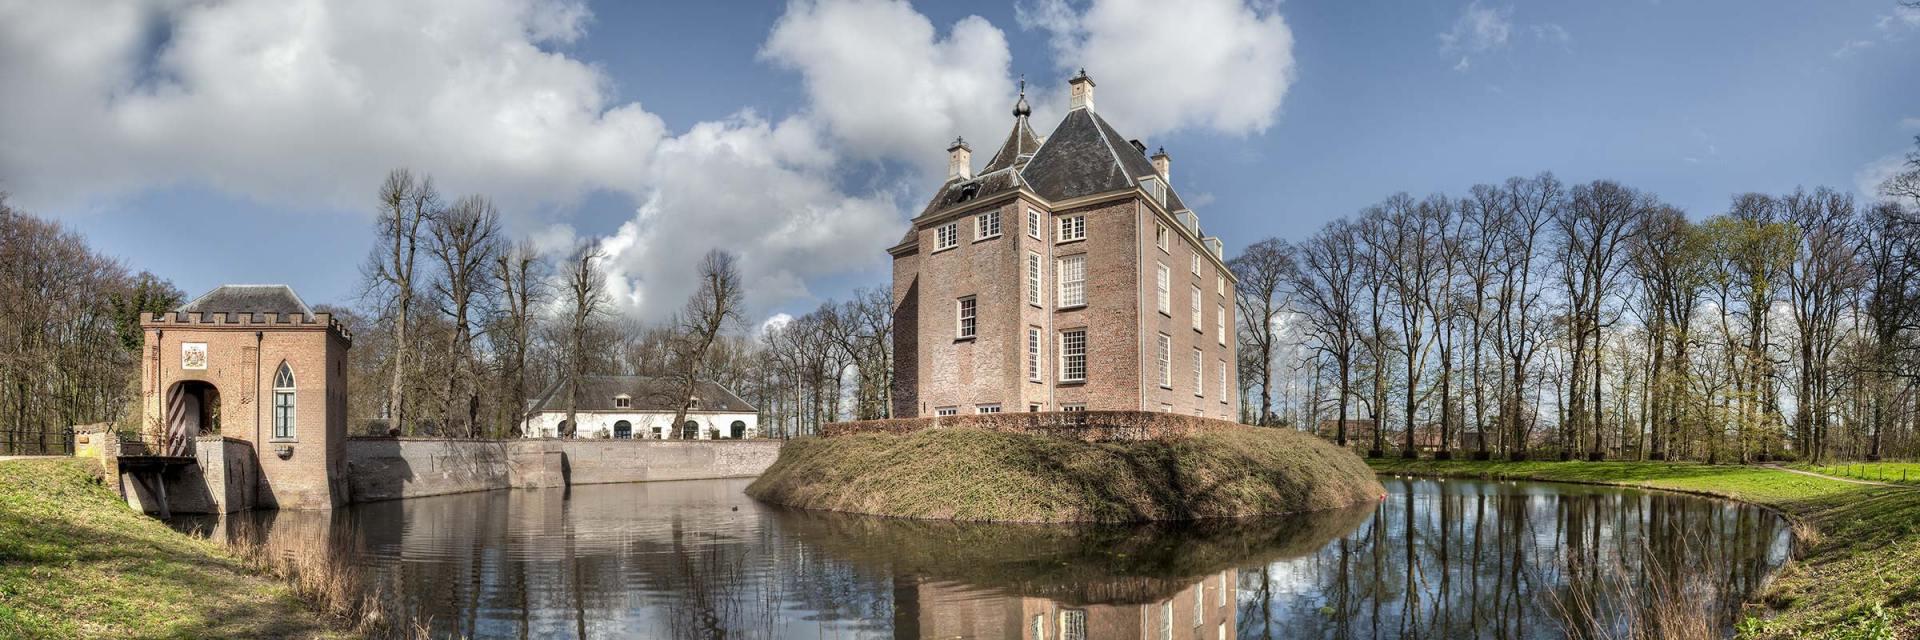 kasteel Soelen, Zoelen, Gelderland